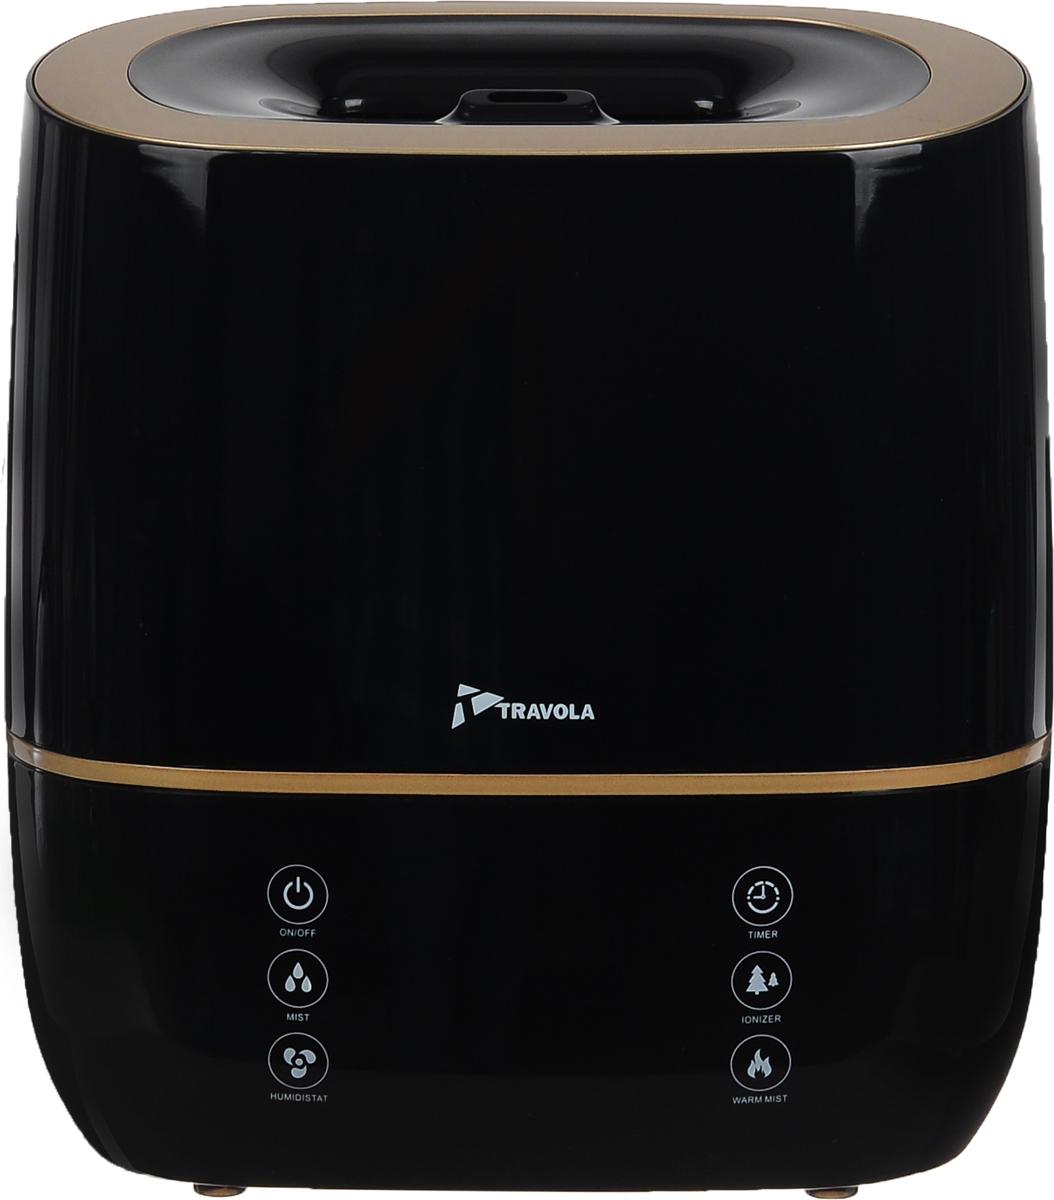 Travola GO-2845, Black Gold увлажнитель воздухаGO-2845 goldenУвлажнитель воздуха Travola GO-2845 сделает воздух в вашем доме чистым и свежим, а декоративный дизайн станет хорошим украшением вашей комнаты. Устройство очень просто в использовании и обладает высокой надежностью и качеством. С помощью специального регулятора можно изменять уровень влажности (имеется несколько уровней). Среди дополнительных функций можно выделить ионизацию воздуха, теплый и холодный пар, а также автоматическое отключение при отсутствии воды в резервуаре.Площадь увлажнения: до 20 м. * Победитель номинации «Лучшая собственная торговая марка в сегменте ONLINE»Премия PRIVATE LABEL AWARDS (by IPLS) —международная премия в области собственных торговых марок, созданная компанией Reed Exhibitions в рамках выставки «Собственная Торговая Марка» (IPLS) 2016 с целью поощрения розничных сетей, а также производителей продовольственных и непродовольственных товаров за их вклад в развитие качественных товаров private label, которые способствуют росту уровня покупательского доверия в России и СНГ.